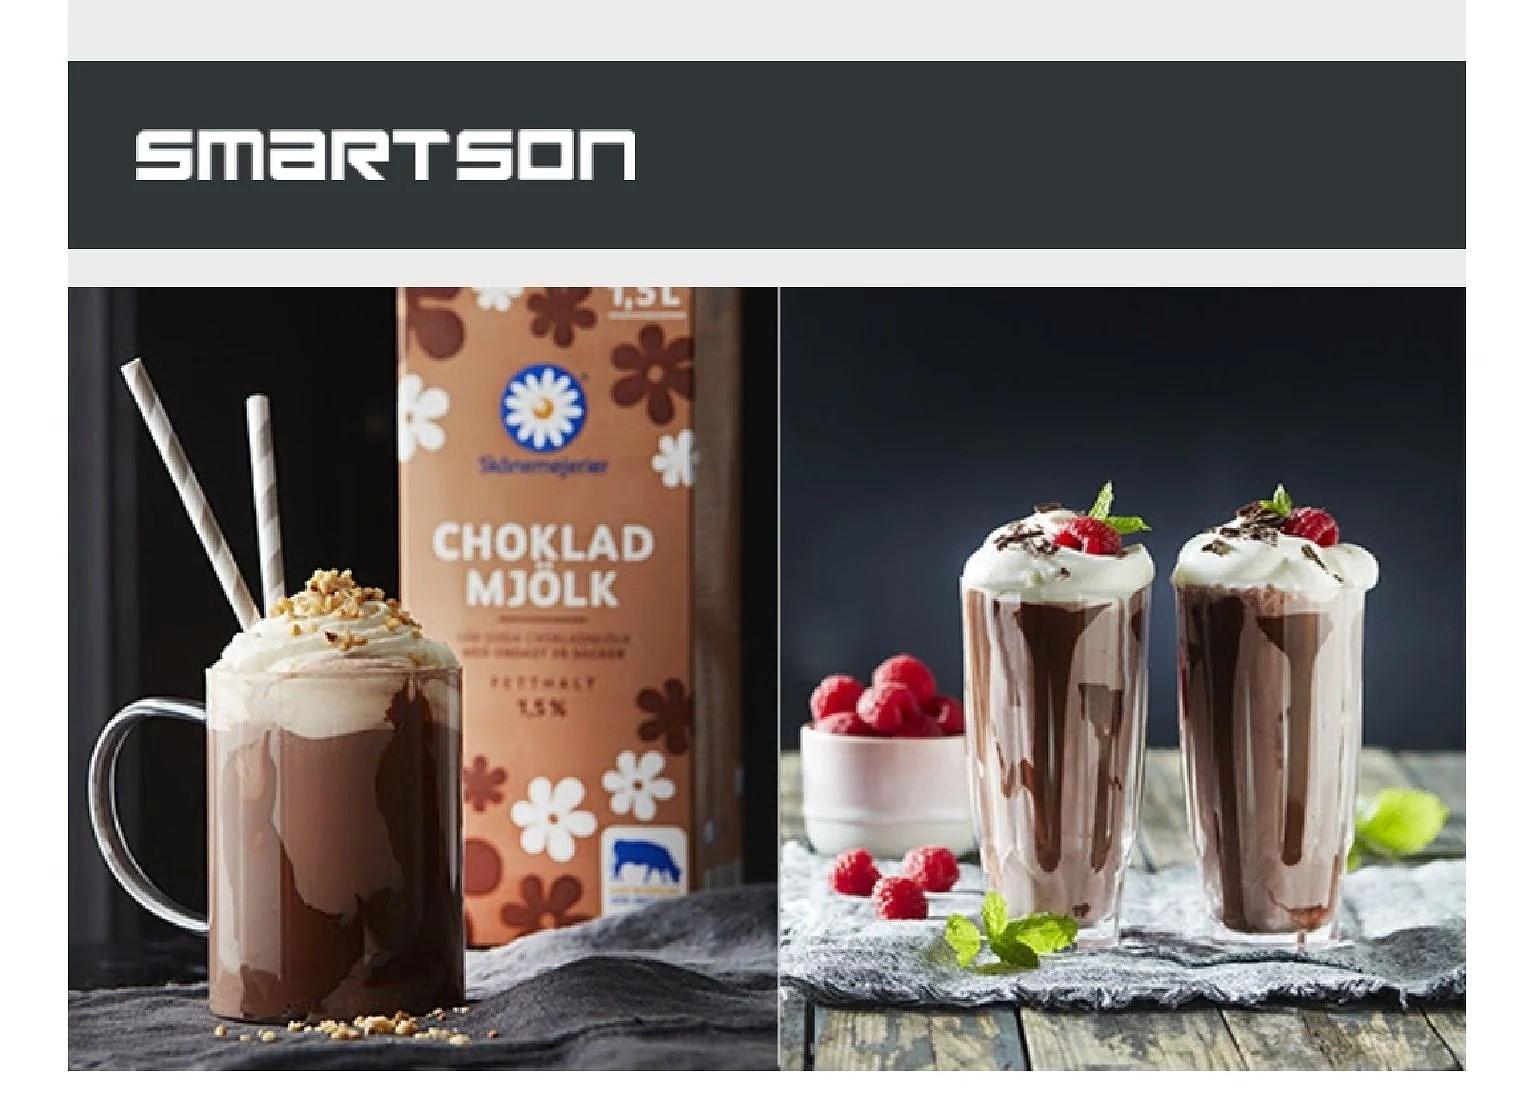 Här ska testas chokladmjölk 😋